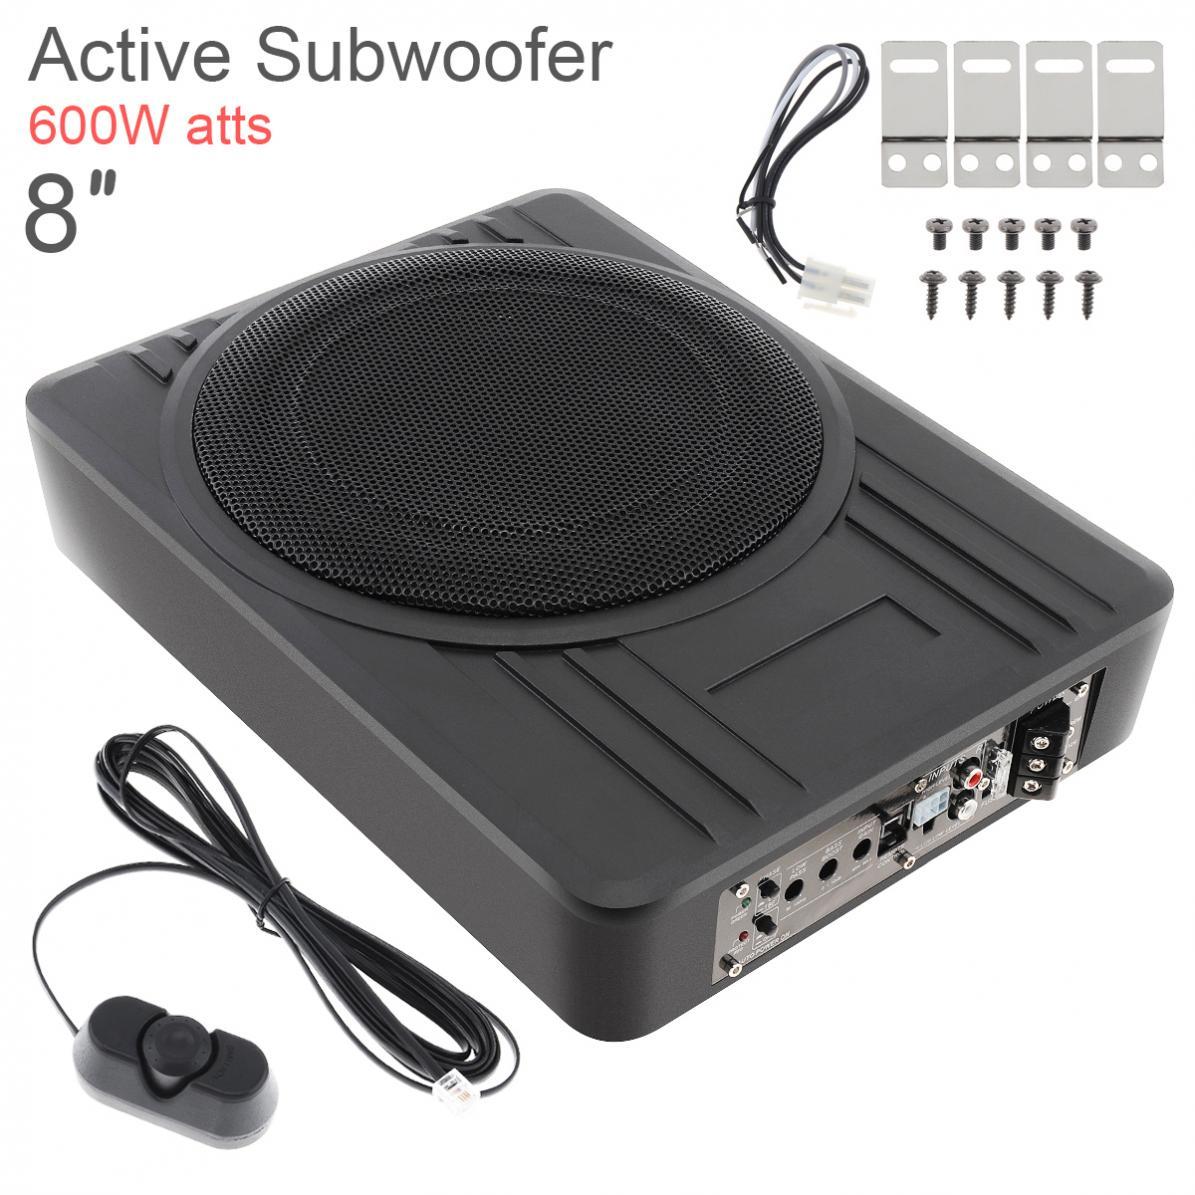 Noir universel 12V 8 pouces 600W Fuselage mince sous siège voiture Subwoofer actif amplificateur de basse haut-parleur